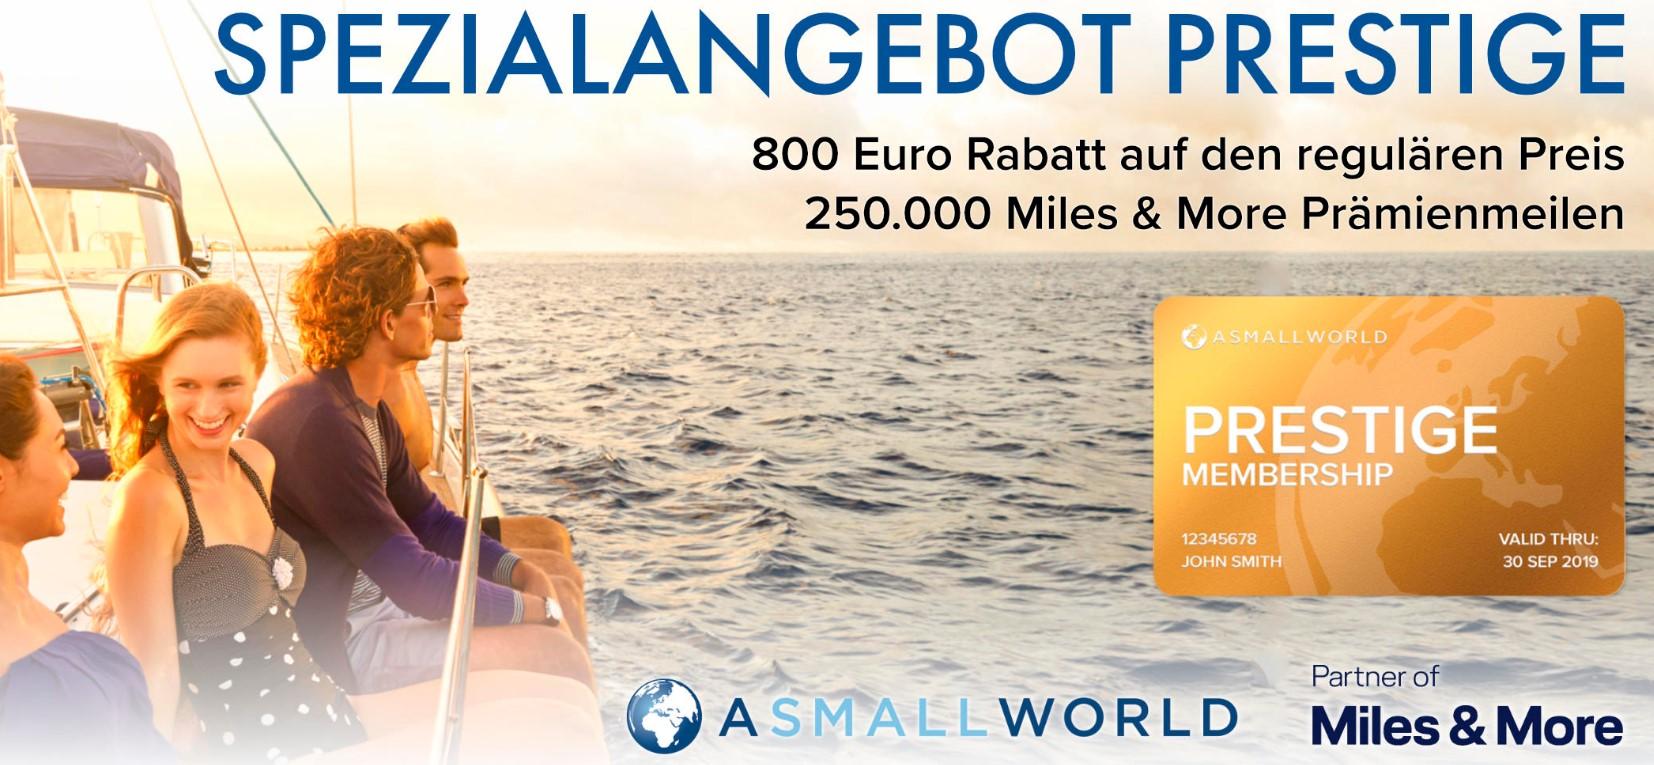 250 000 миль Miles&More и куча бенефитов при покупке членства ASMALLWORLD